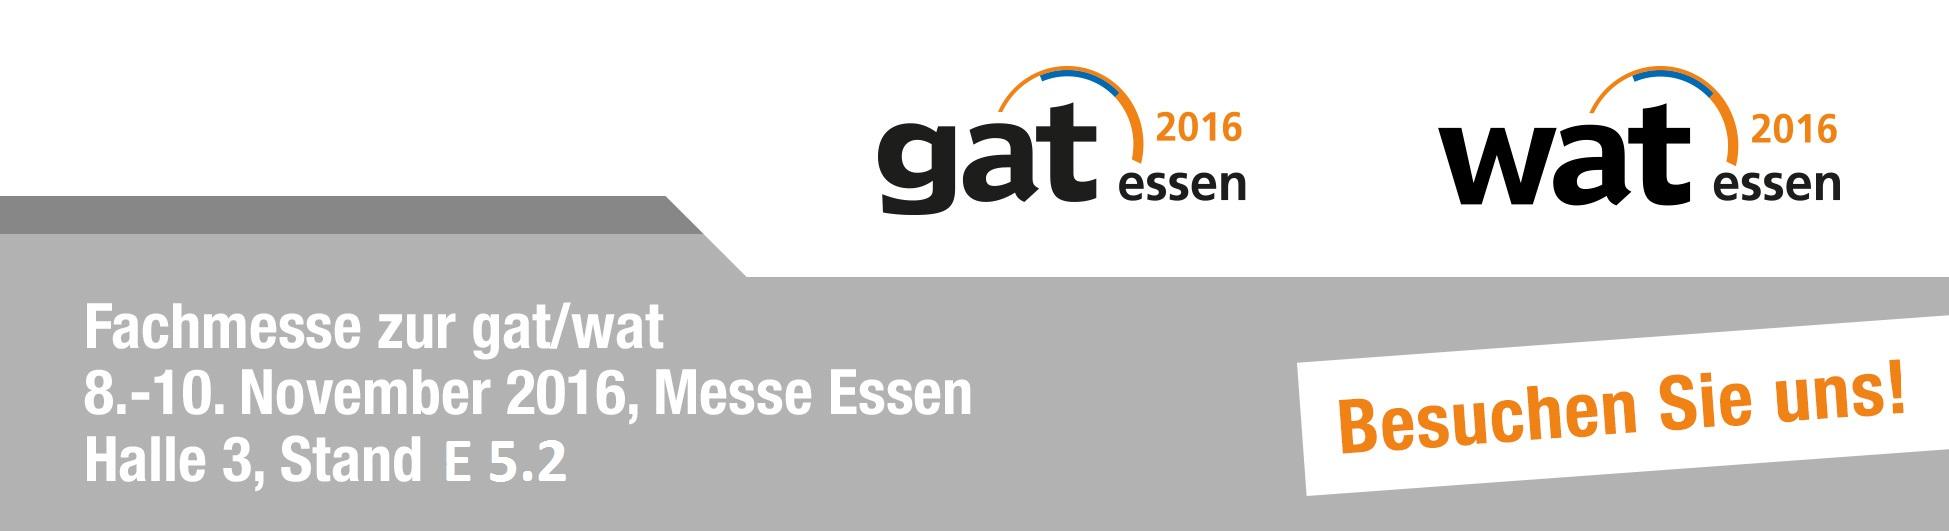 GAT 2016 Stand E5.2 JPEG